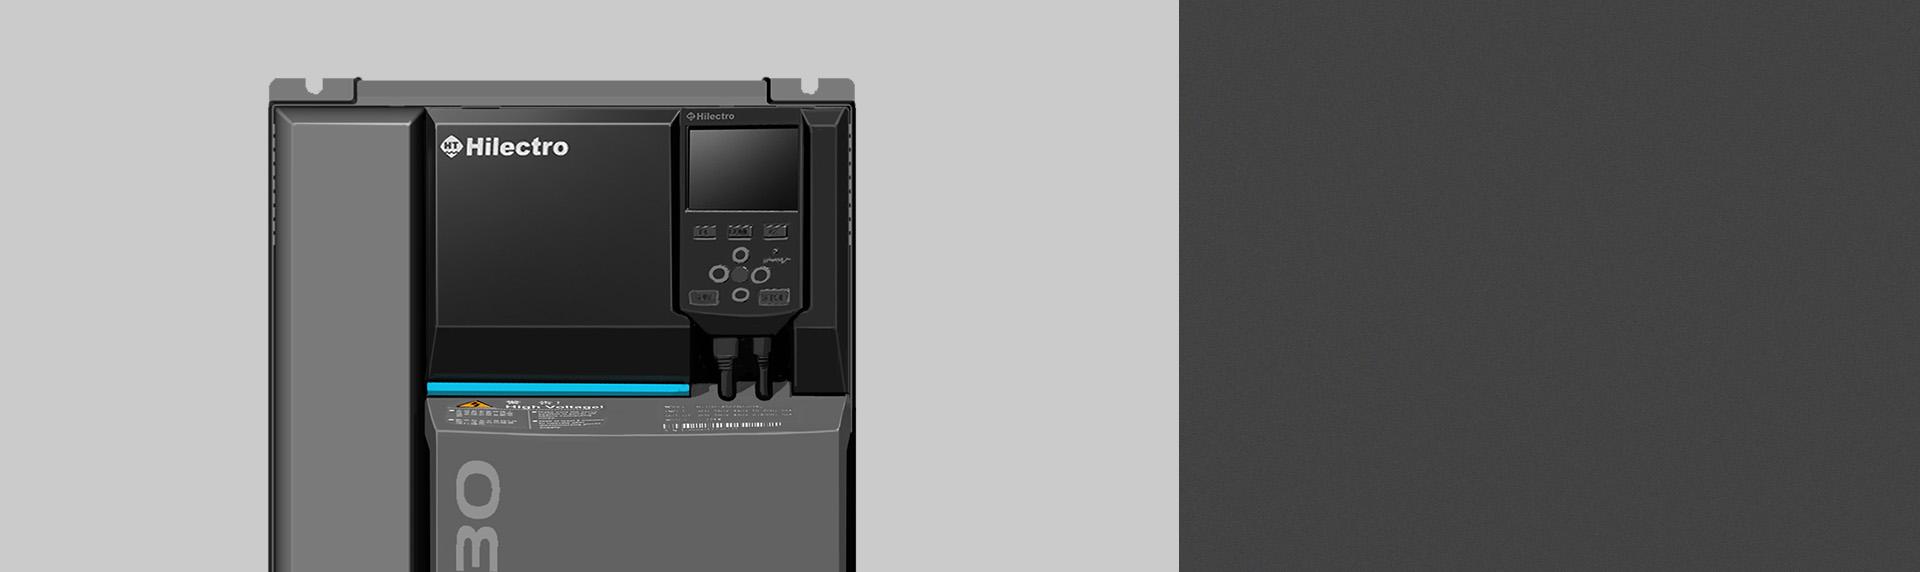 SSC设计-伺服控制器